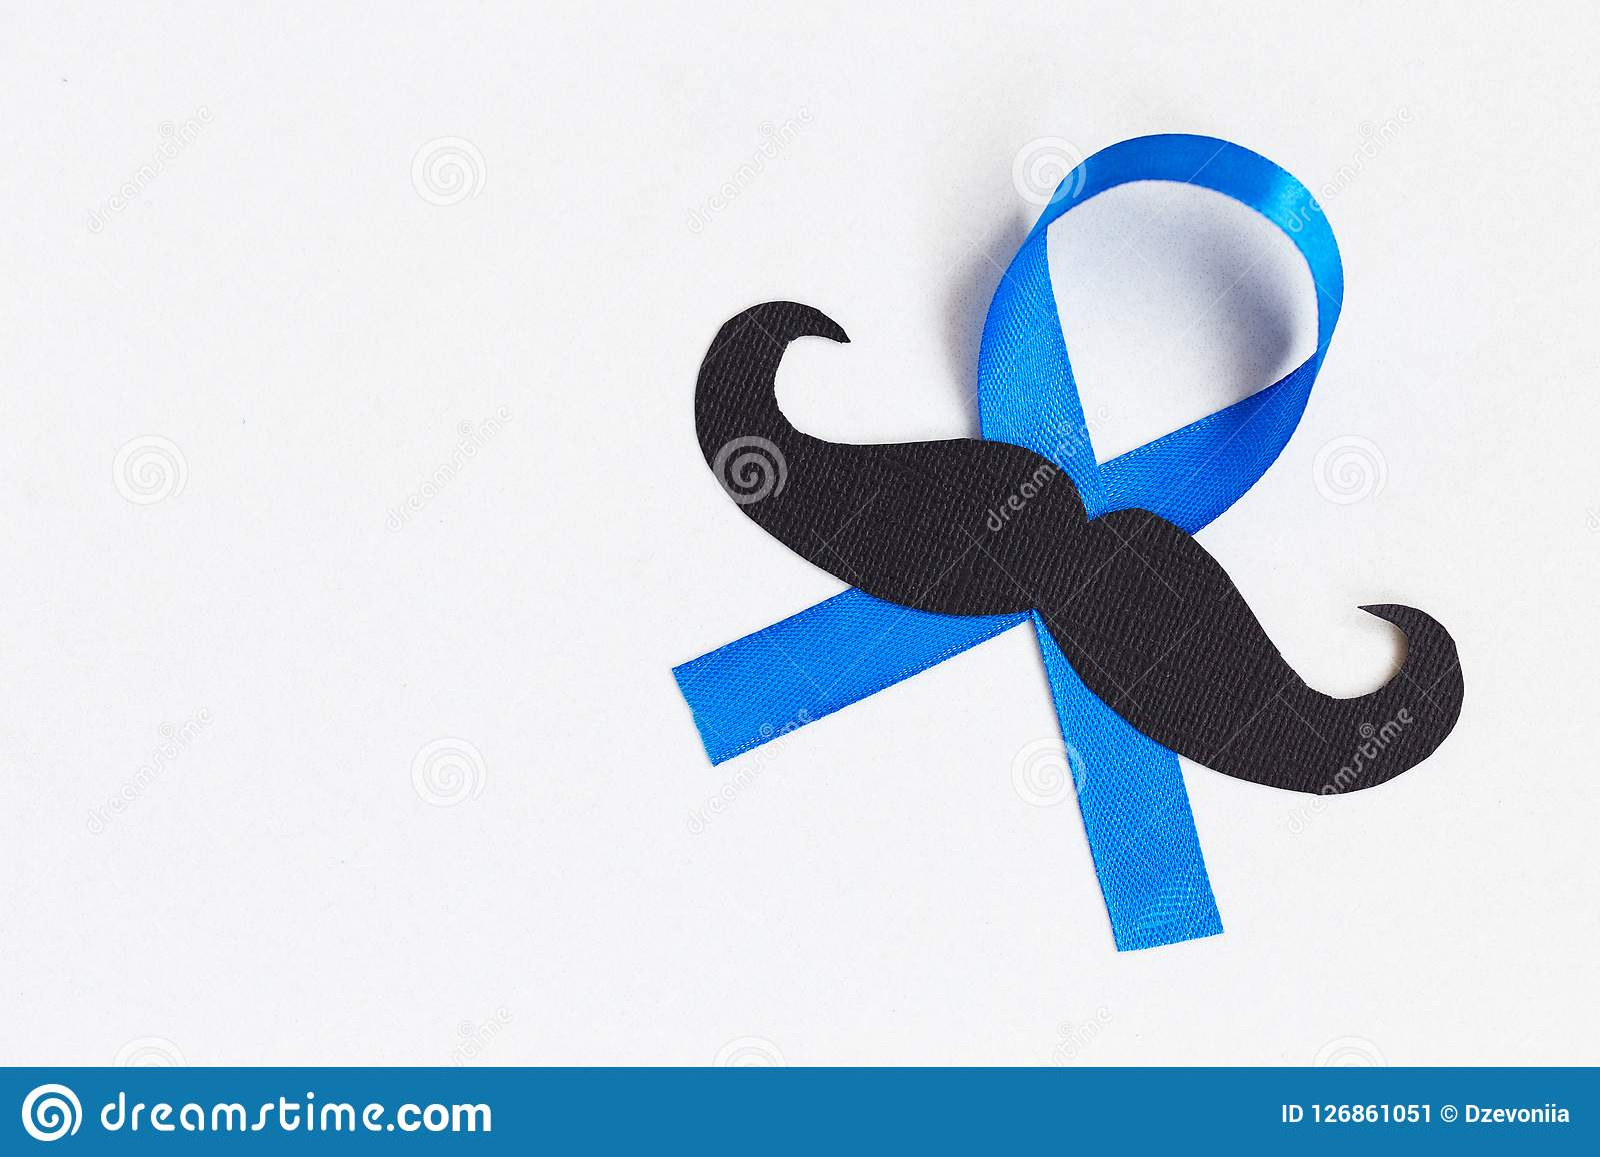 Картина усика с символом голубой ленты концепция movember